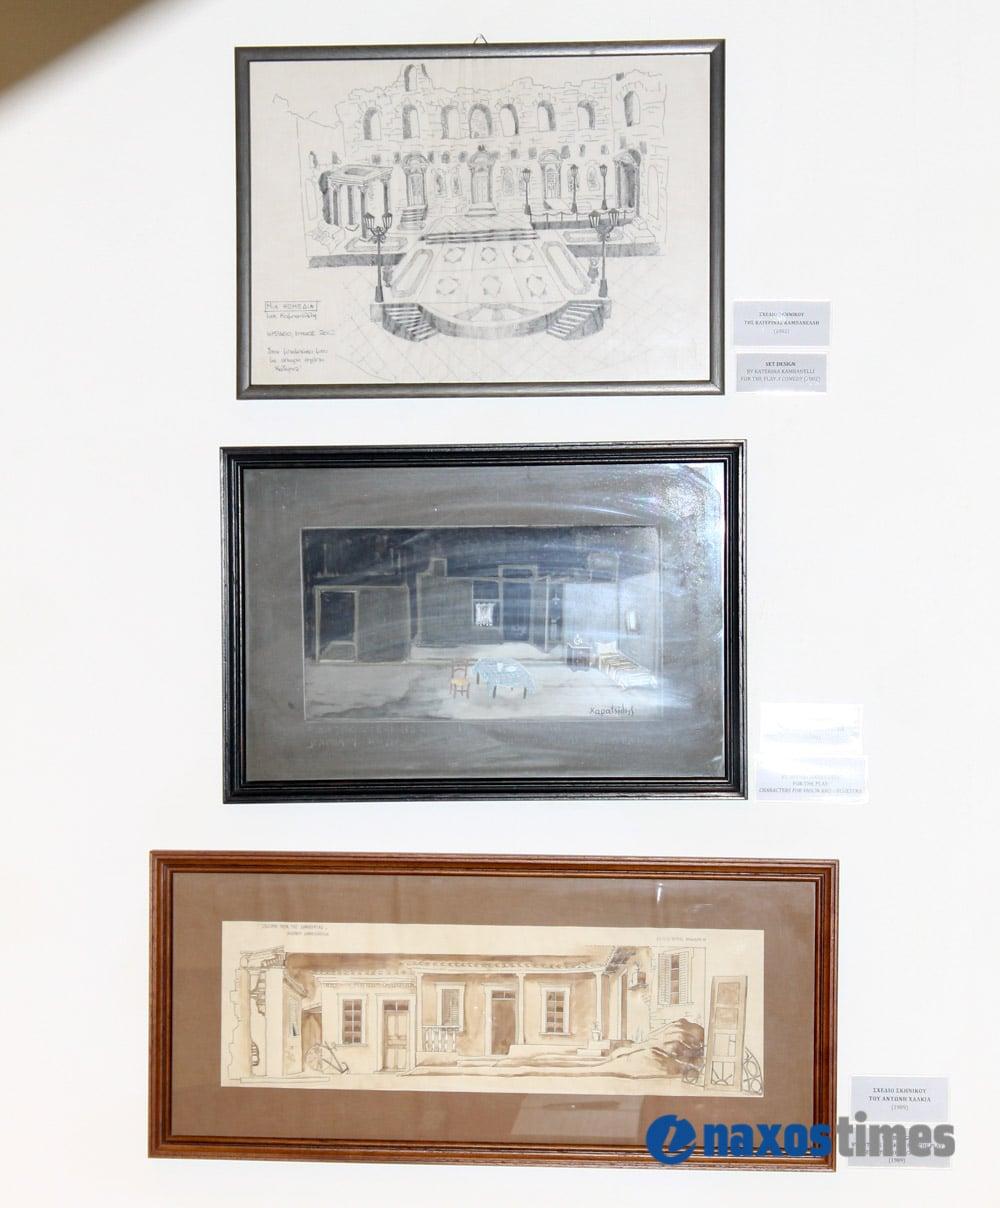 Θεατρικό Μουσείο Ιάκωβος Καμπανέλλης